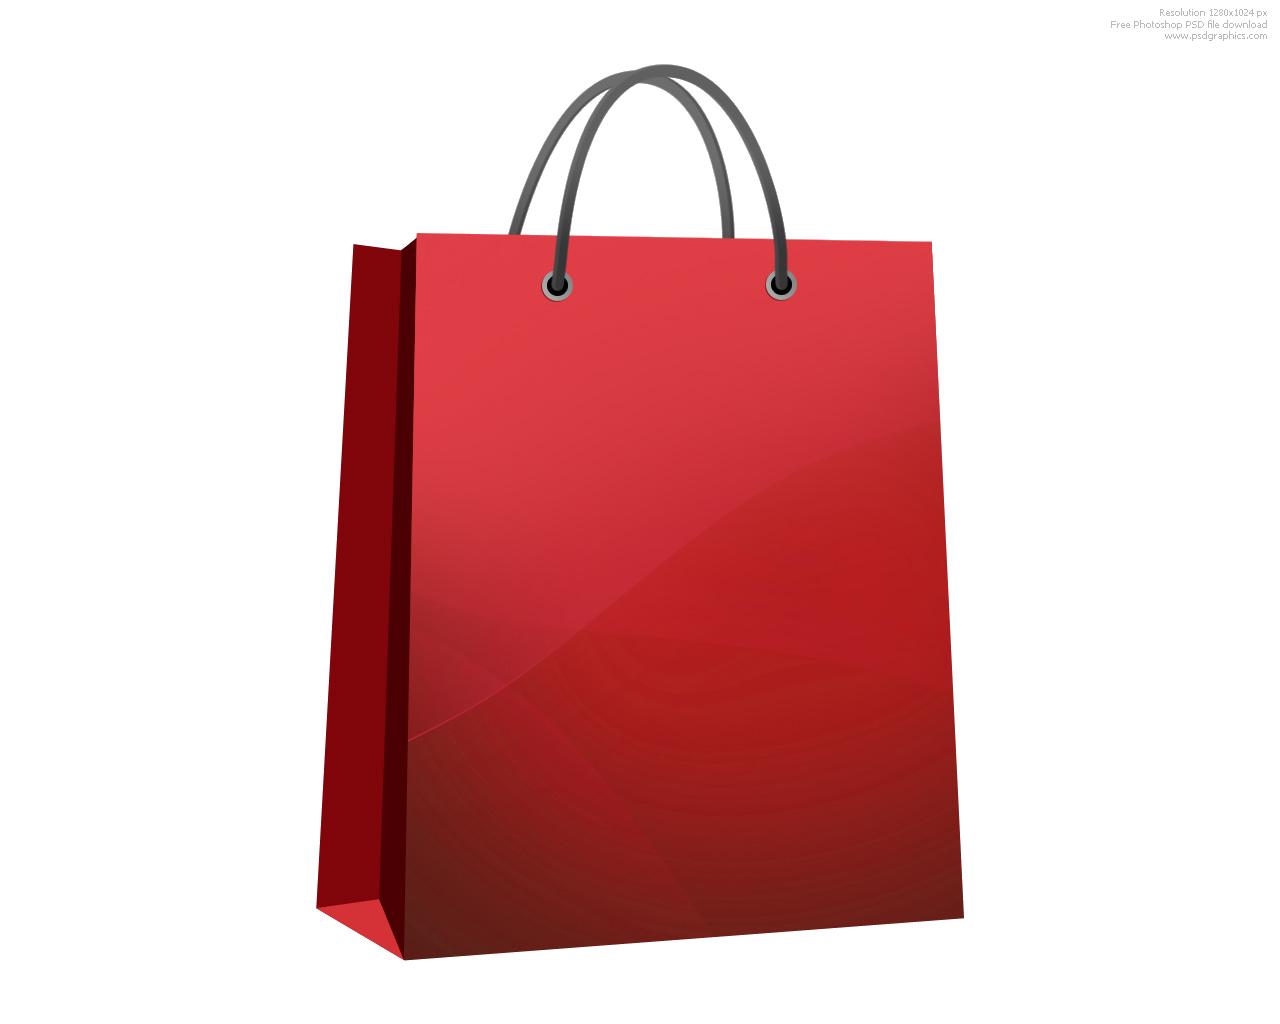 Shopping Bag PNG - 173705